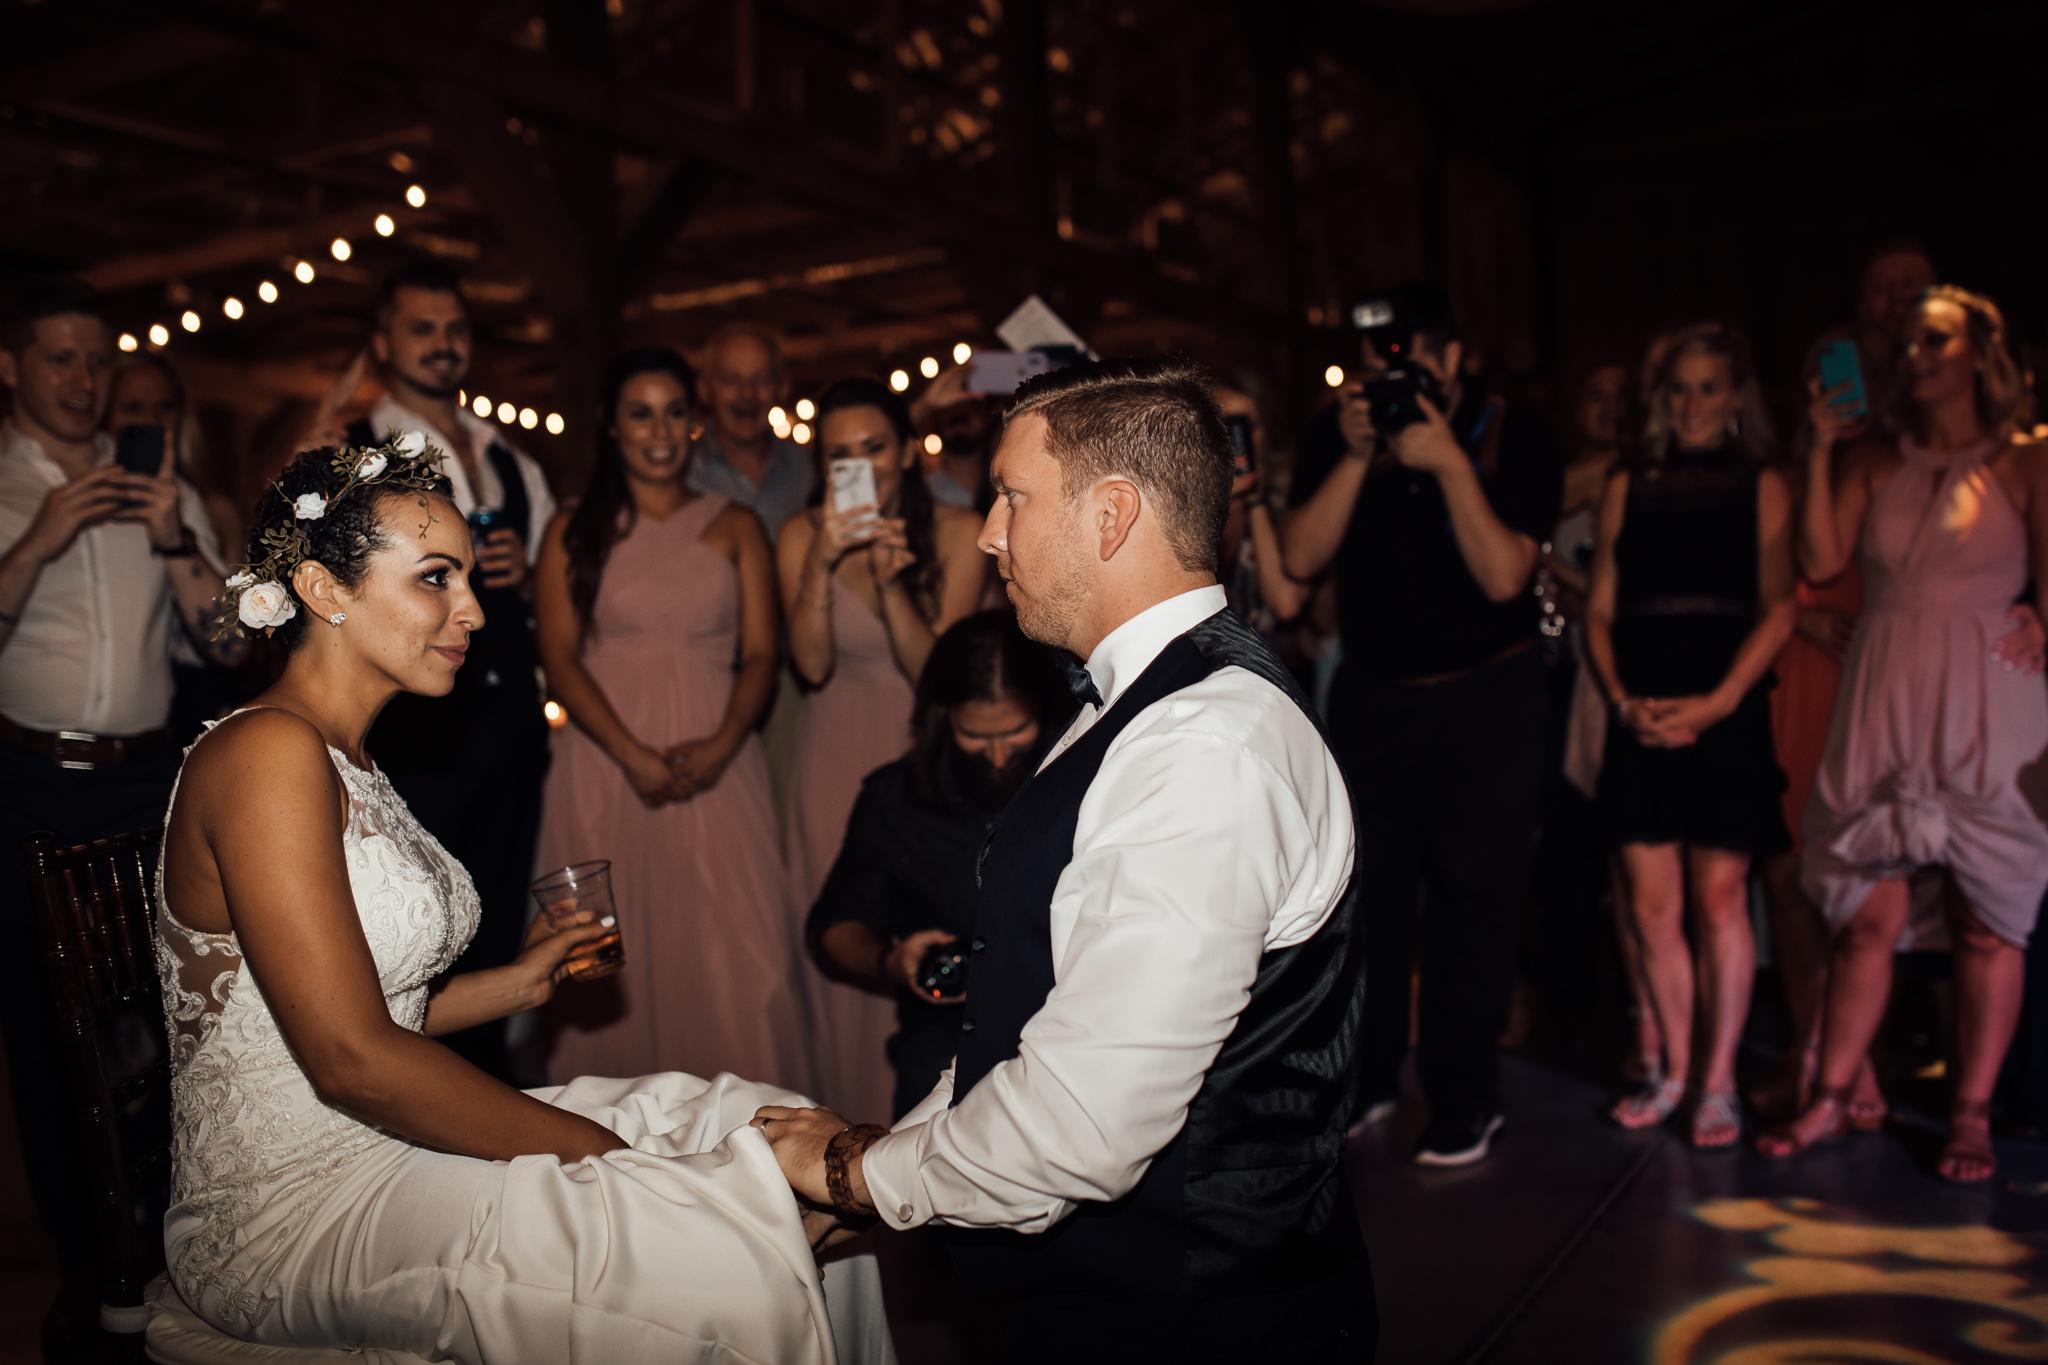 saddlewoodsfarms-nashville-wedding-photographer-thewarmtharoundyou-rustic-wedding (93 of 251).jpg